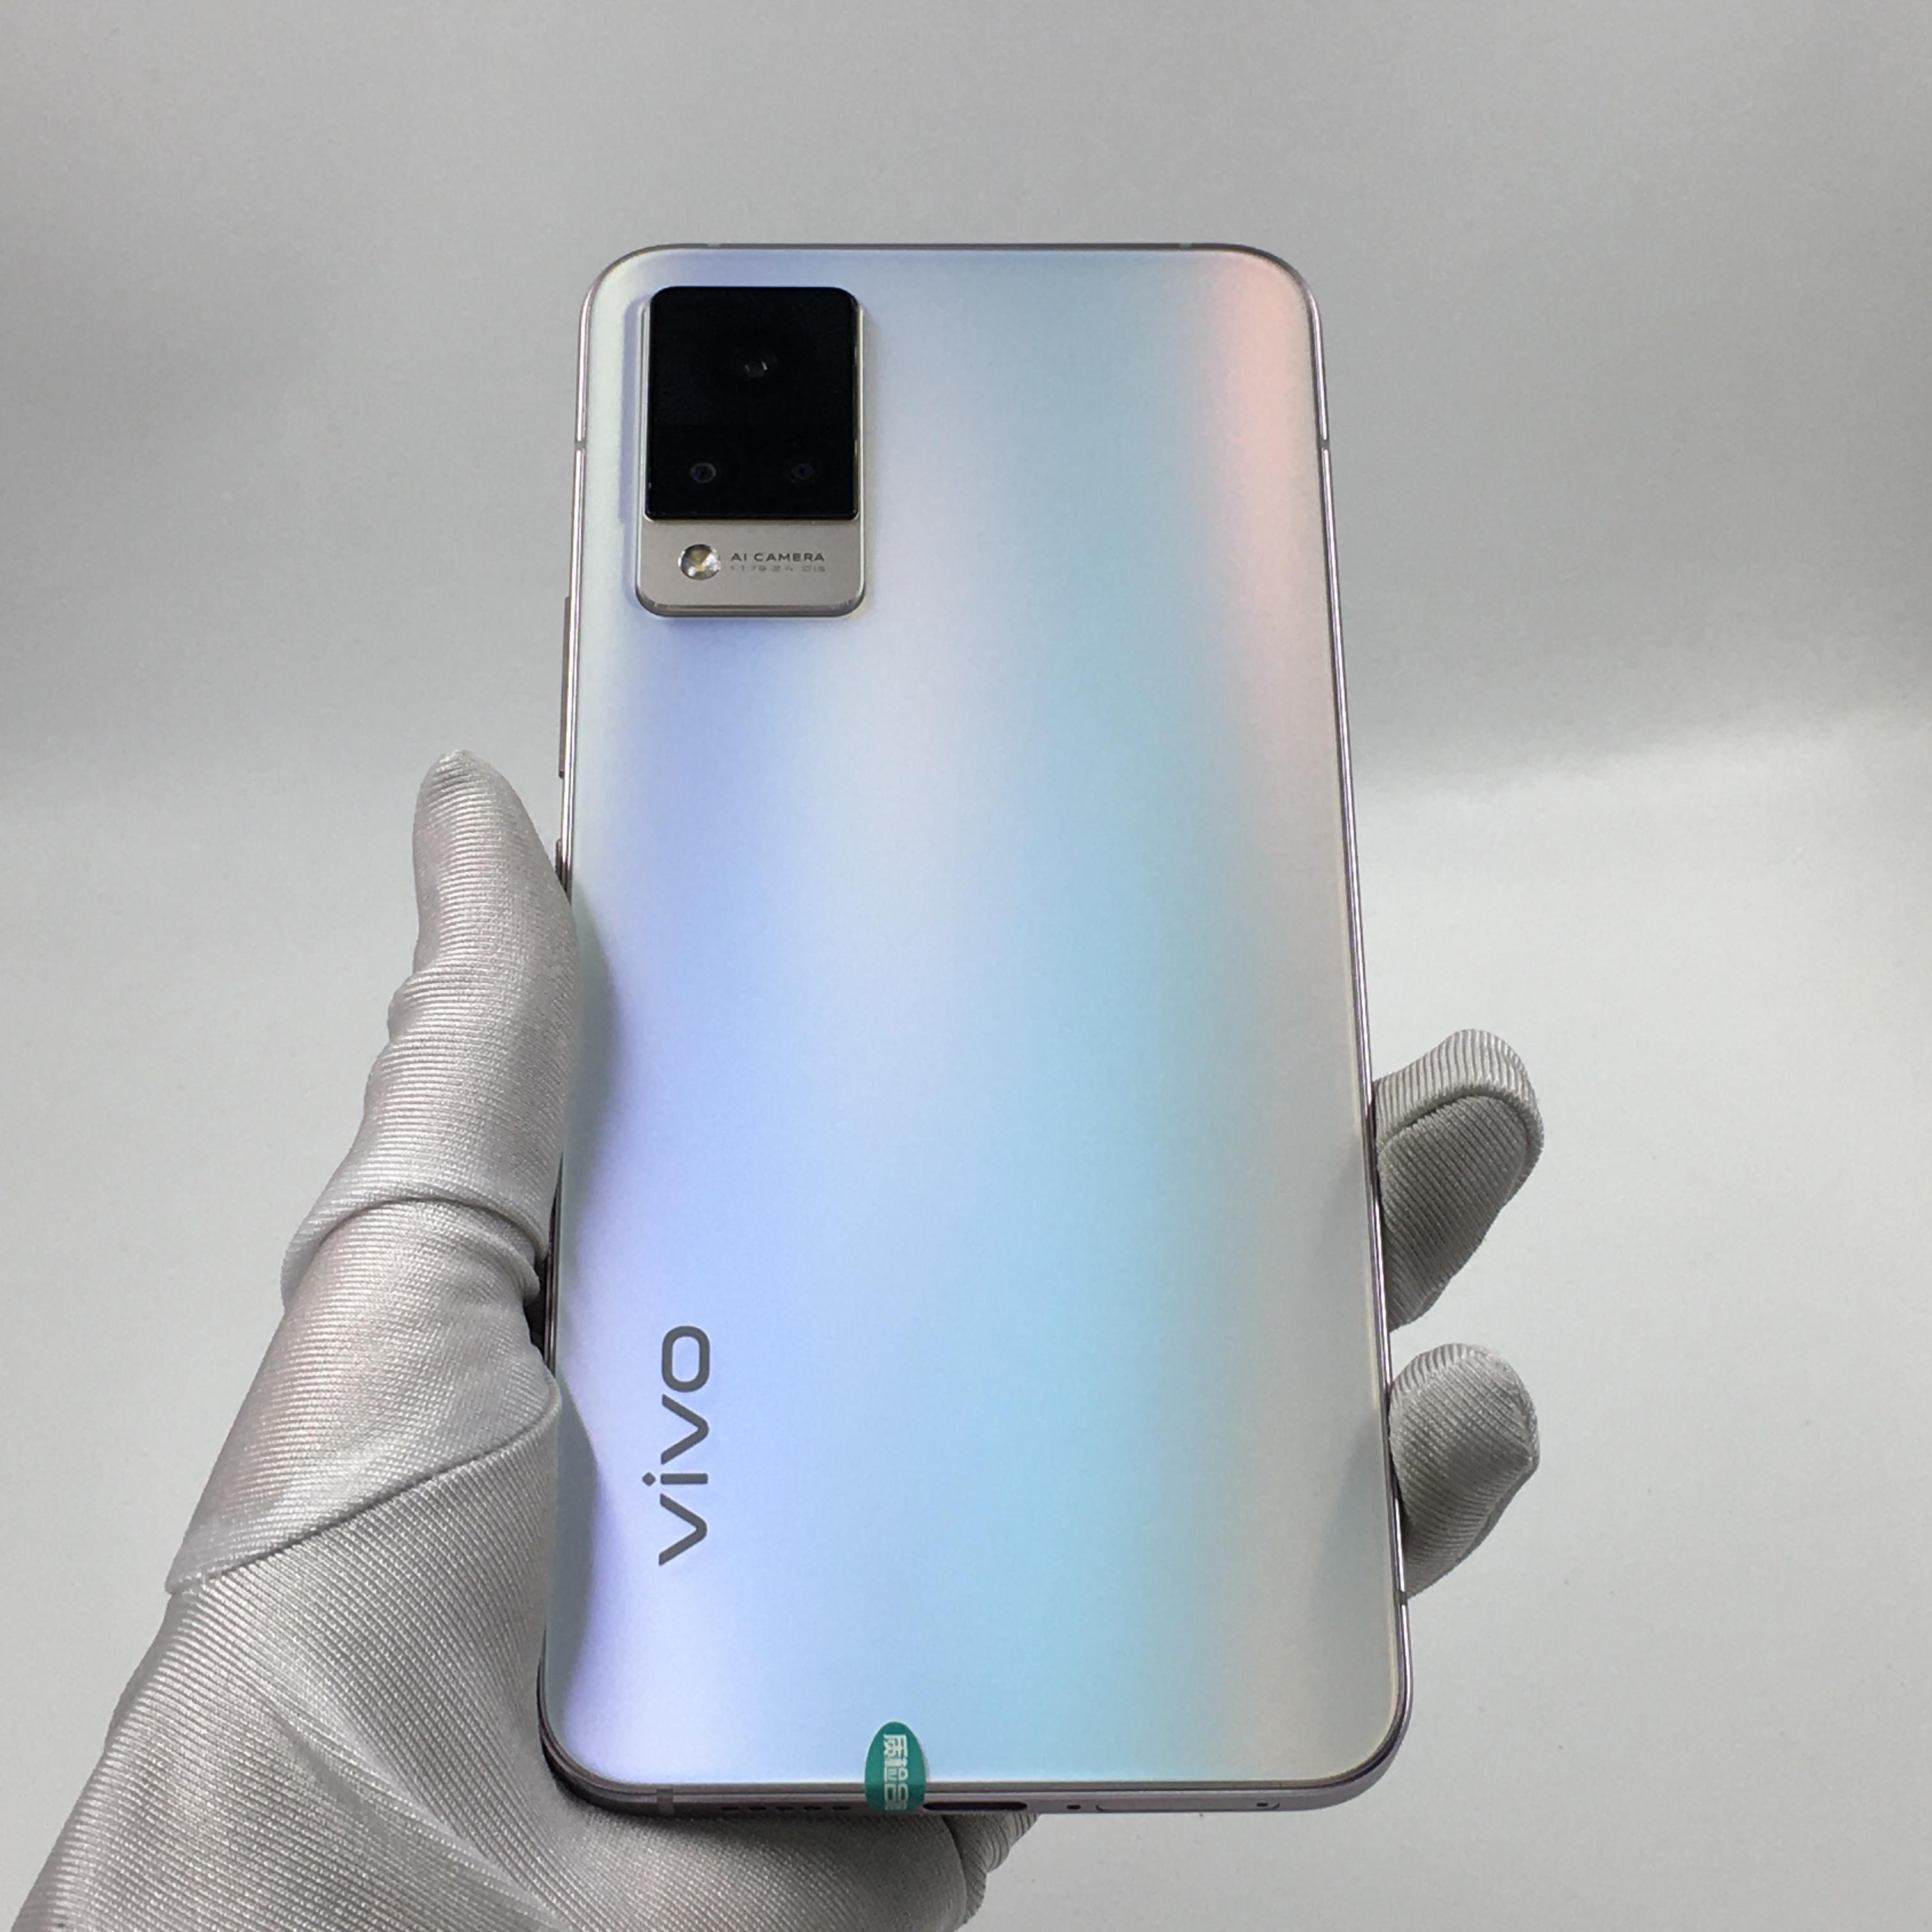 vivo【S9 5G】5G全网通 朝露白 8G/128G 国行 95新 8G/128G真机实拍